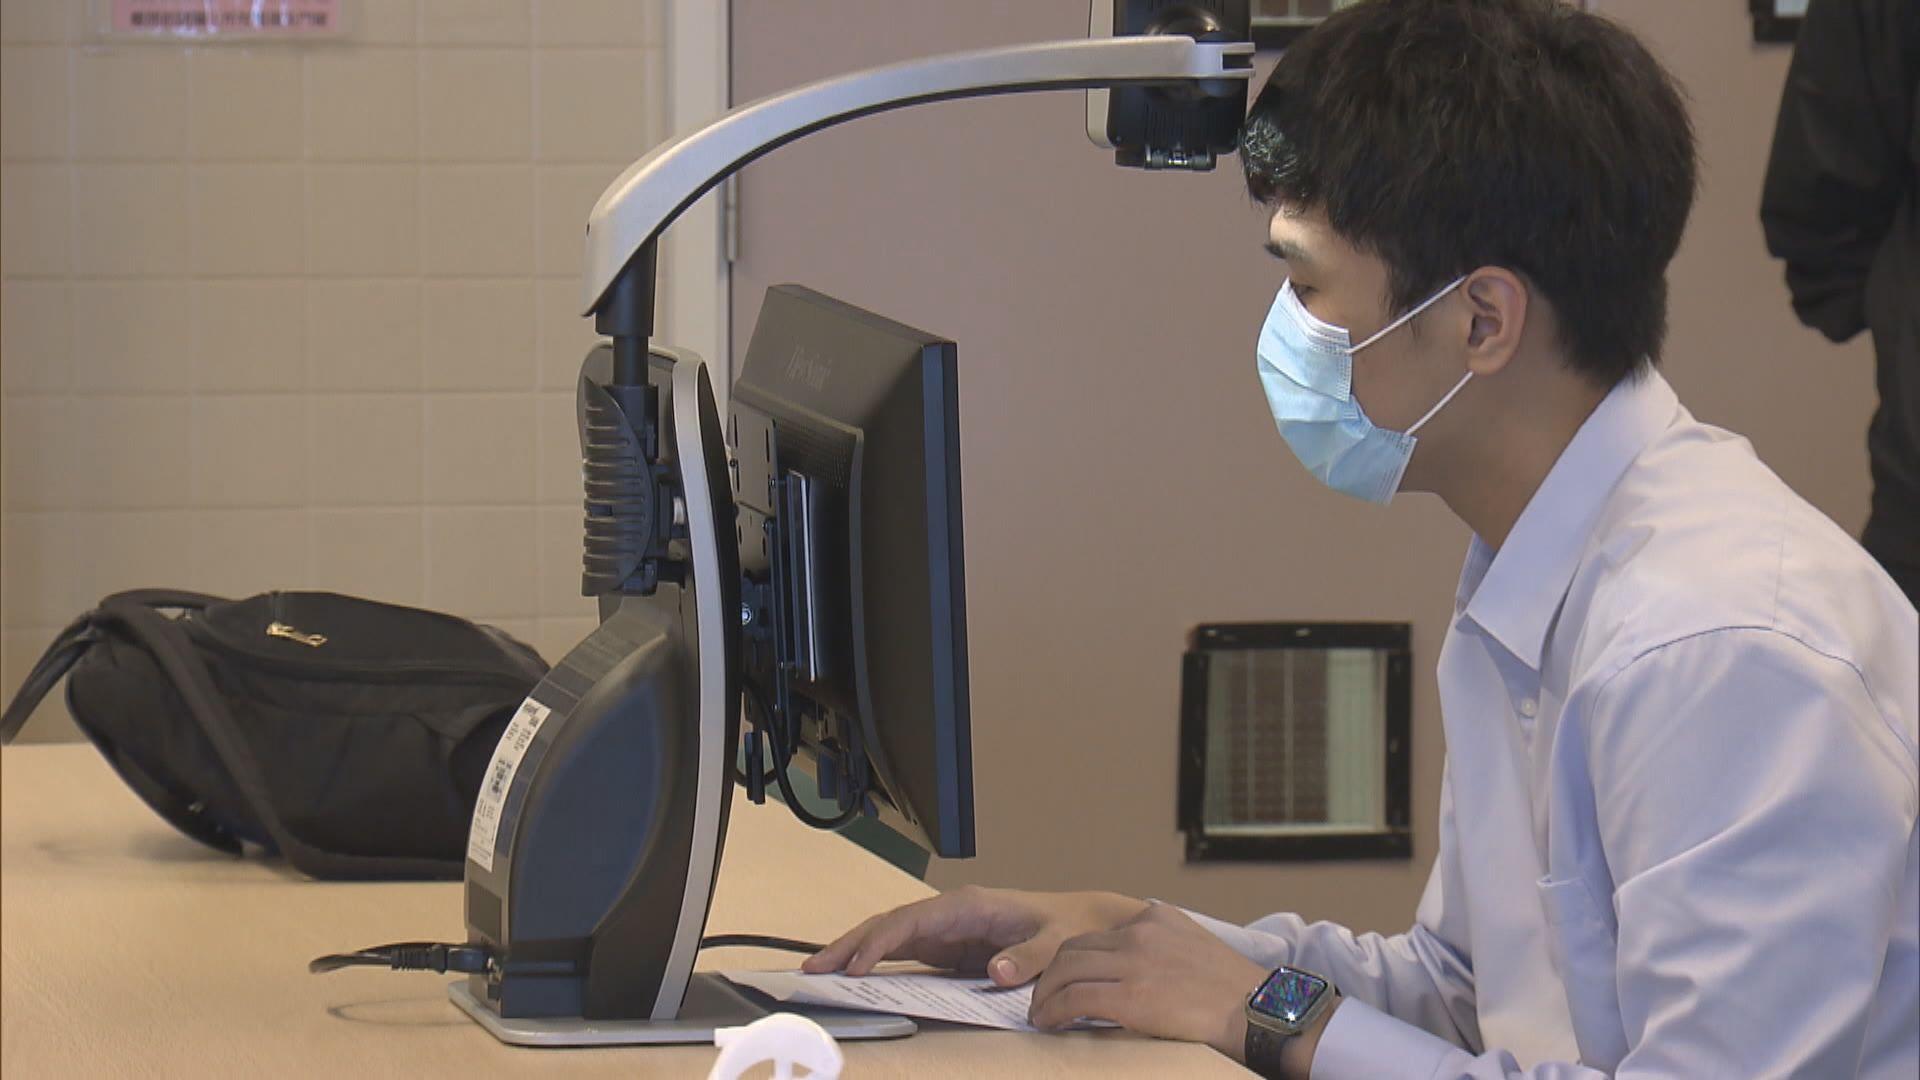 視障人士在疫情下需重新適應不少生活細節